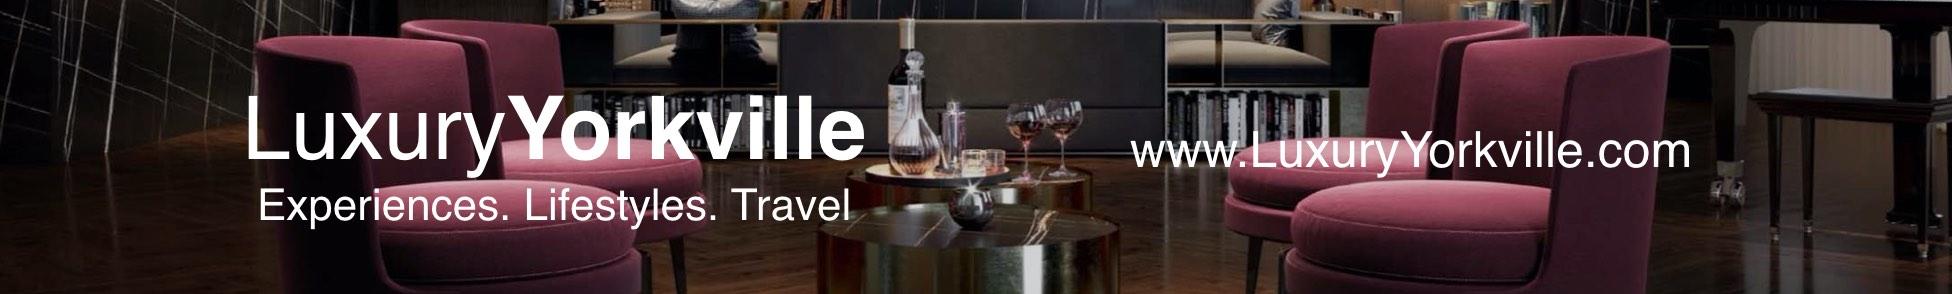 LuxuryYorkville Ad 04